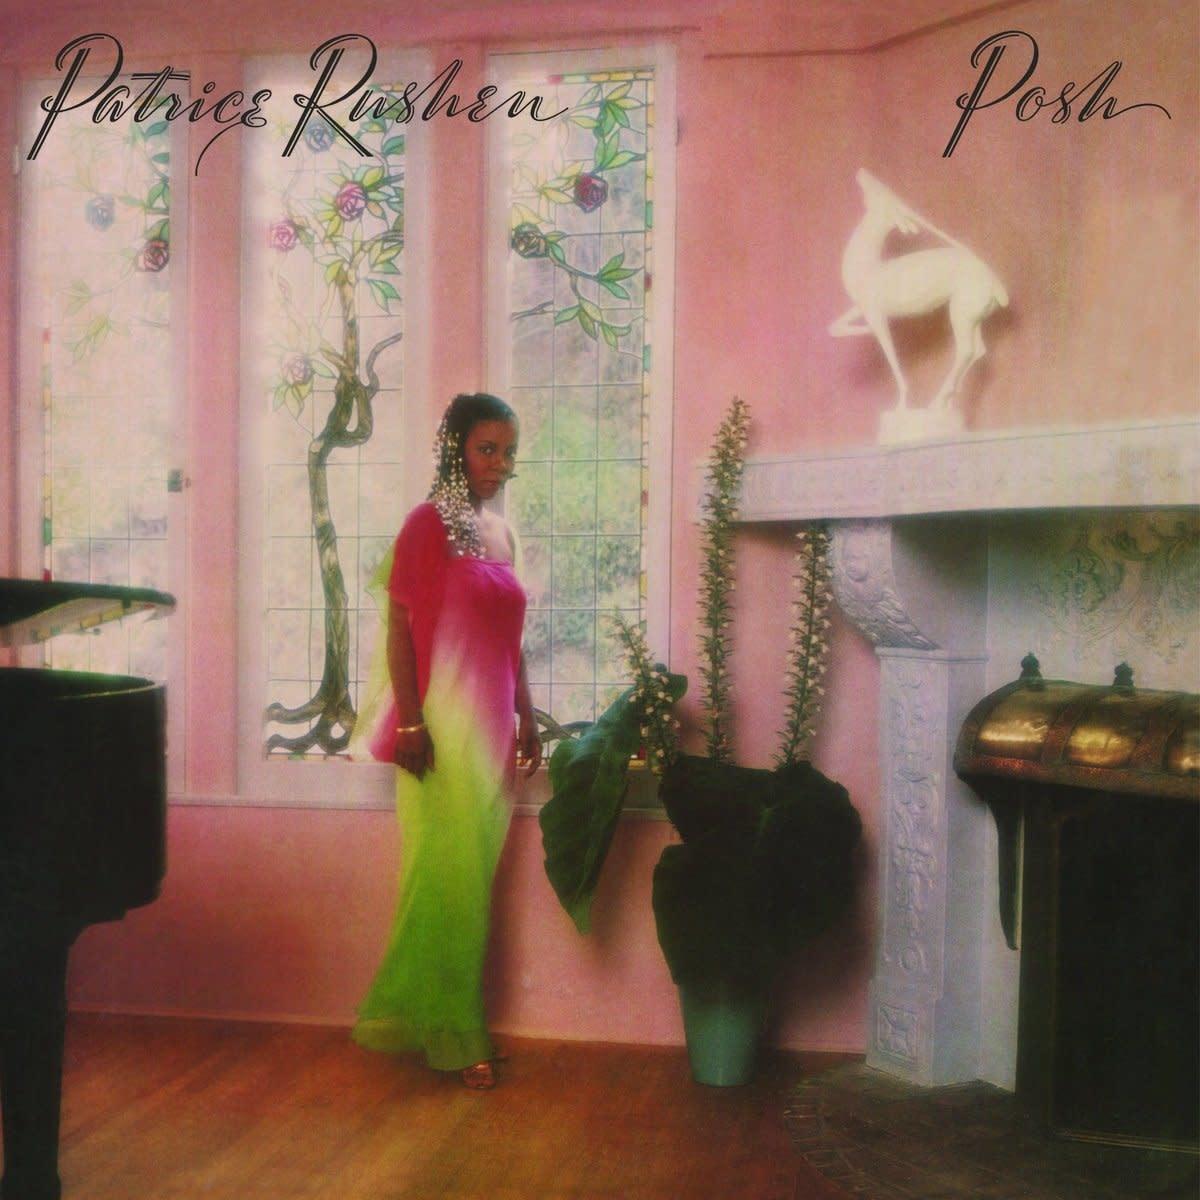 Patrice Rushen • Posh-1